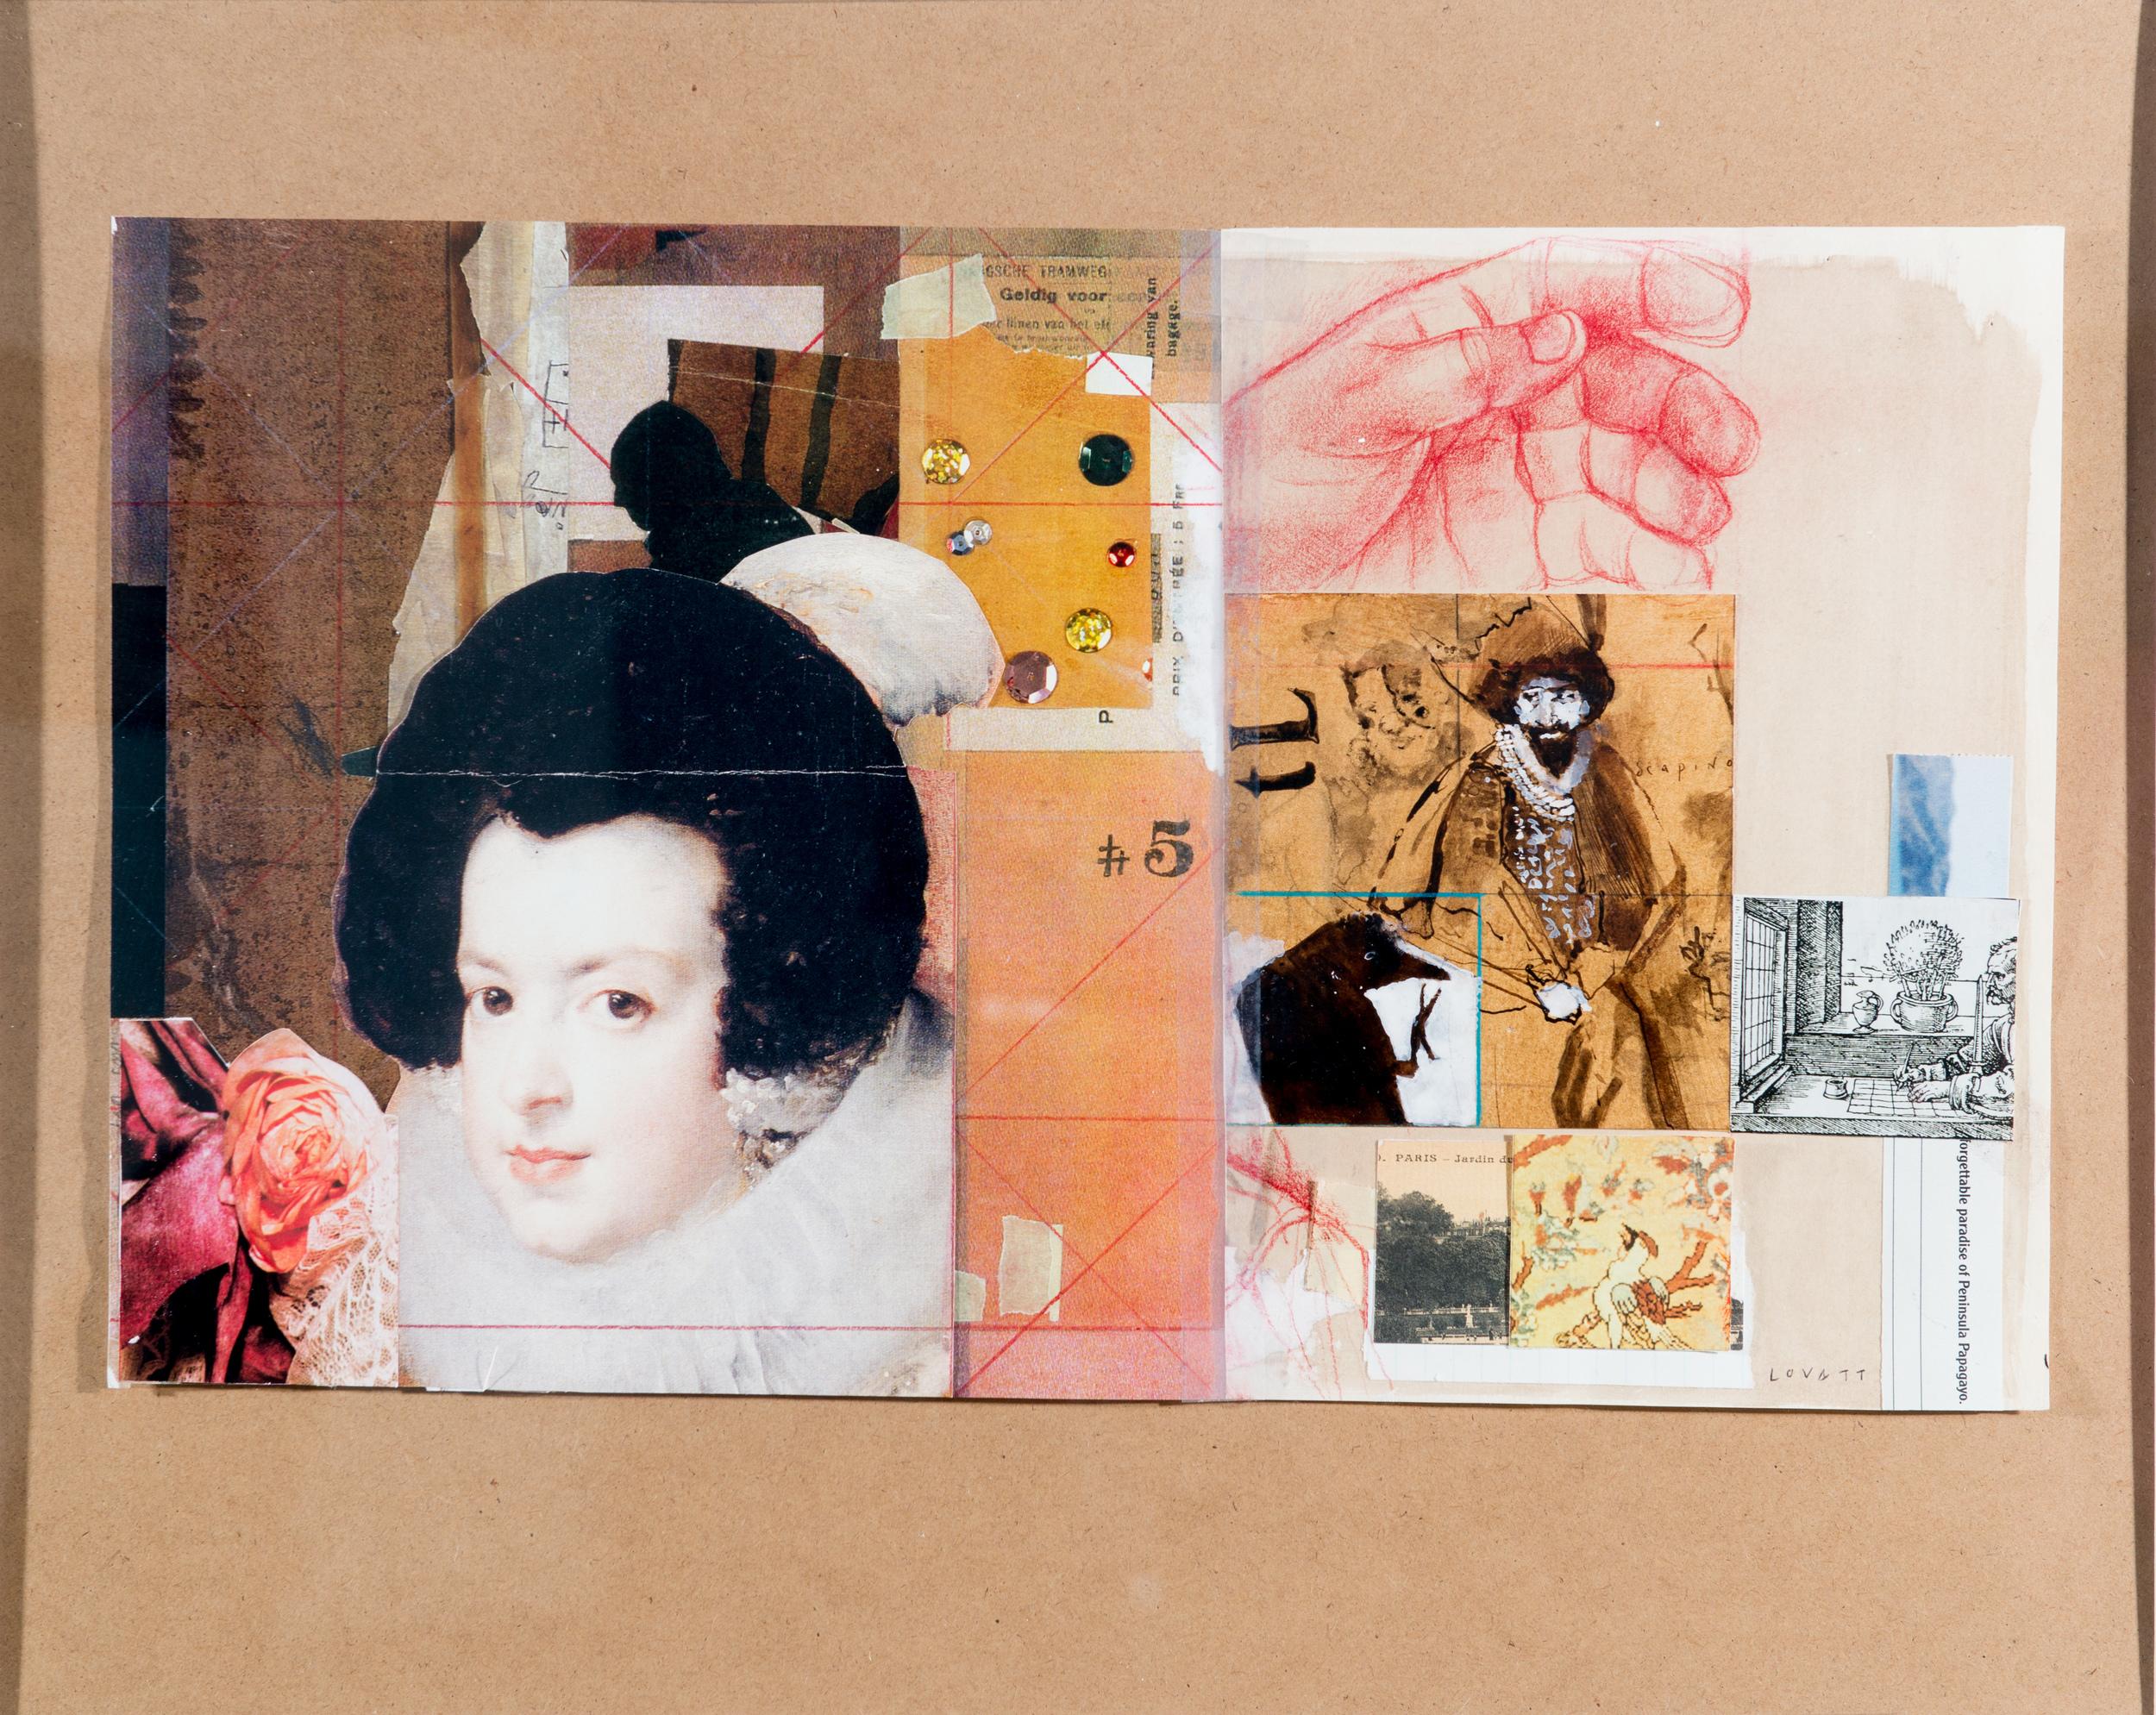 TL-055,Commedia del arte, 20.625 x 20.625, $525